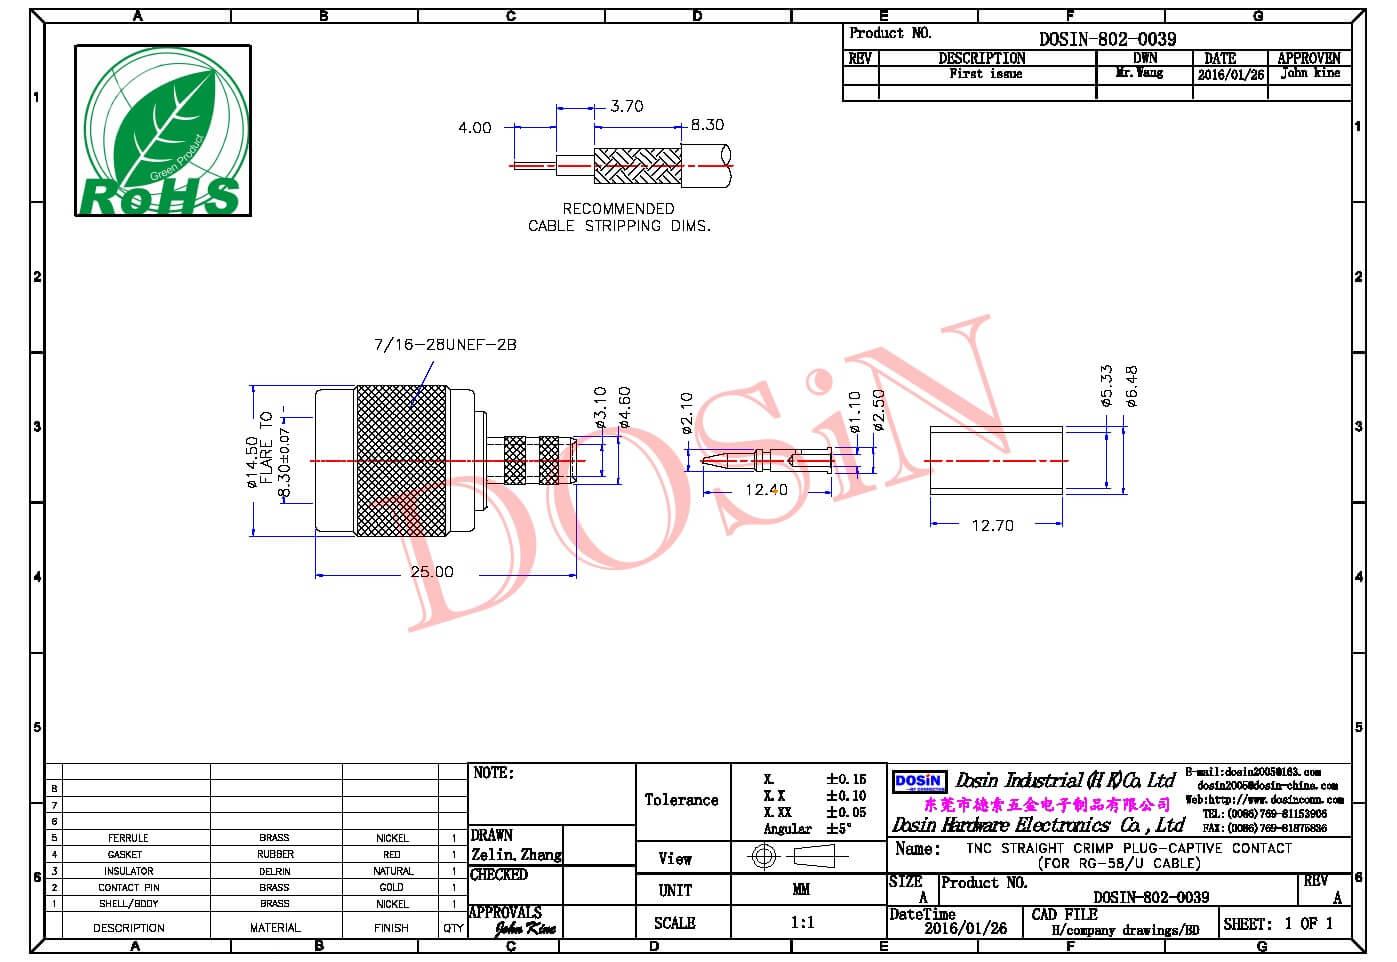 DOSIN-802-0039